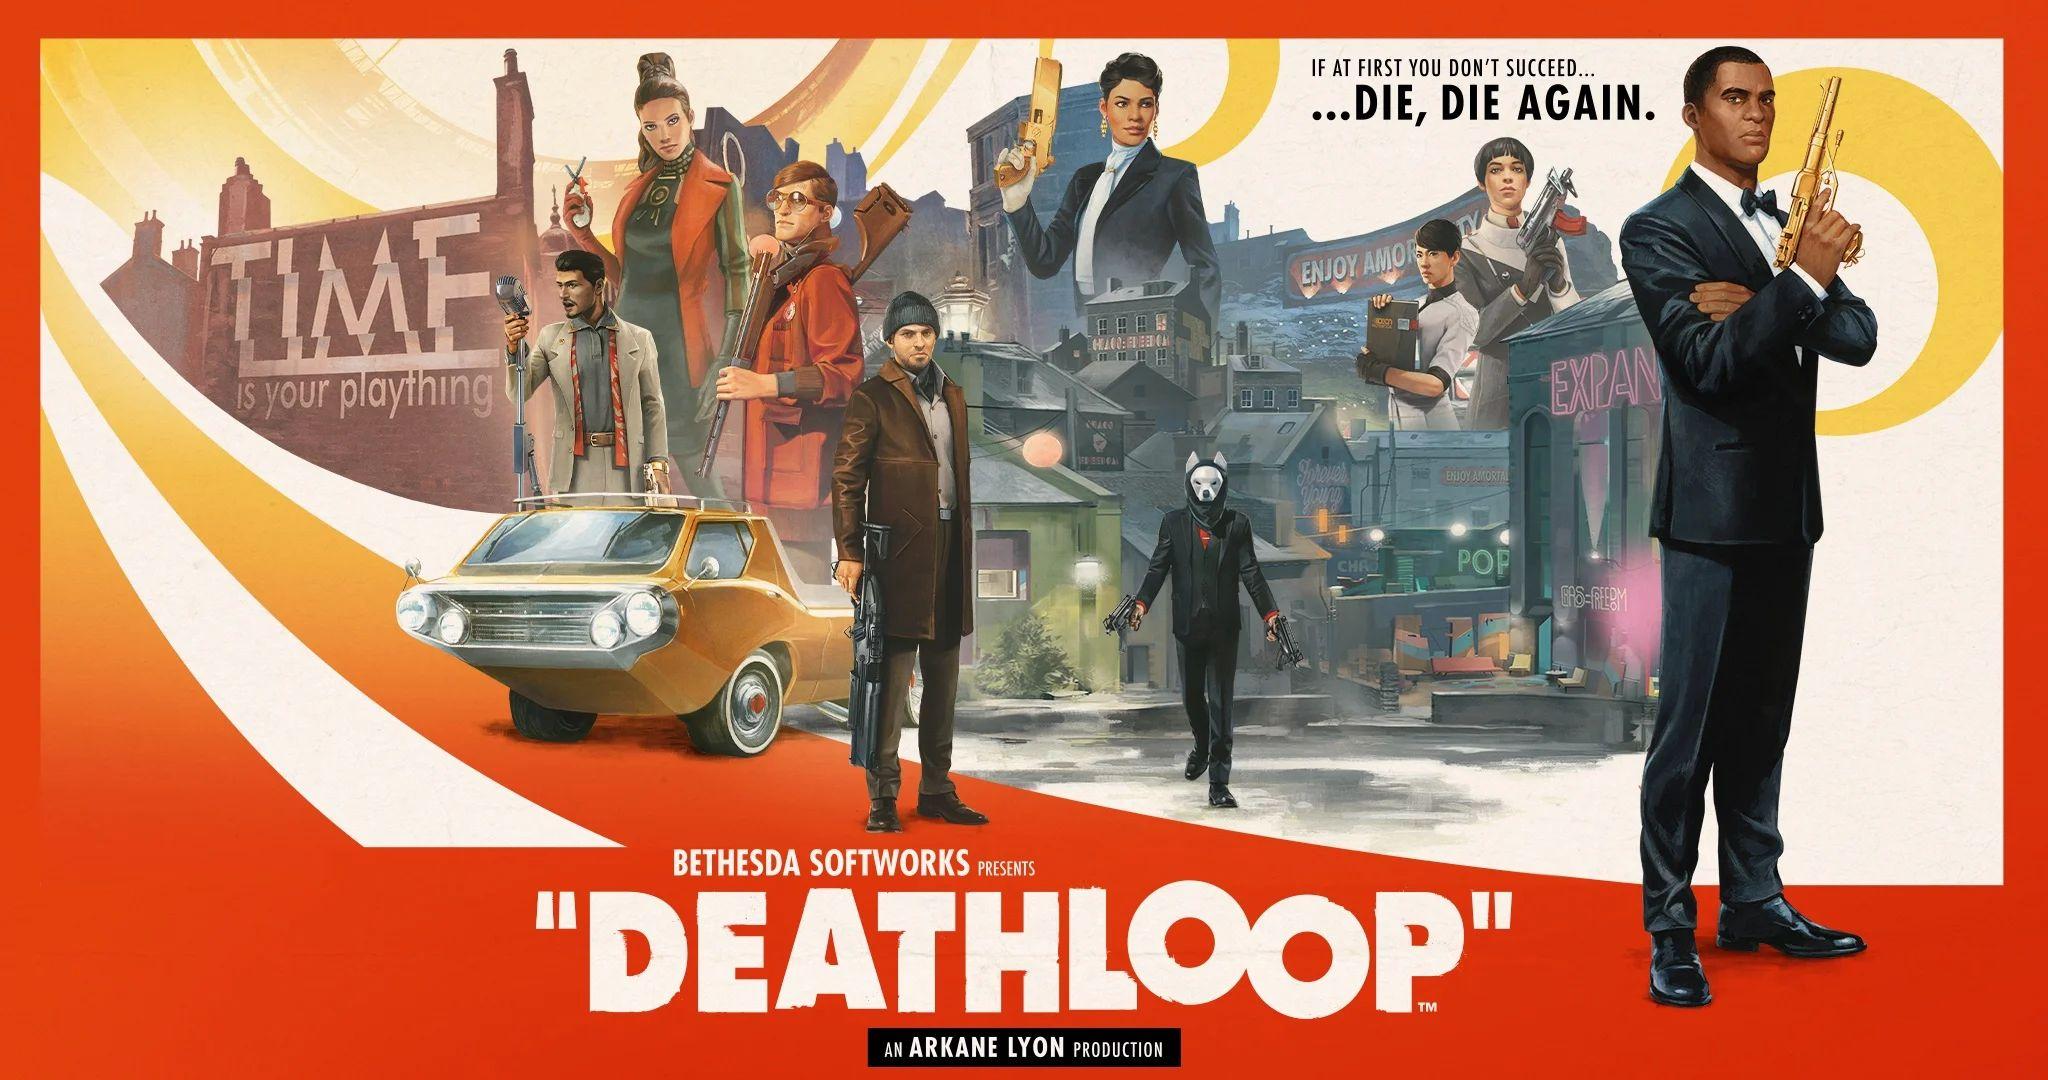 Jocul săptămânii este Deathloop, un shooter atipic. Cine este Juliana și ce rol are